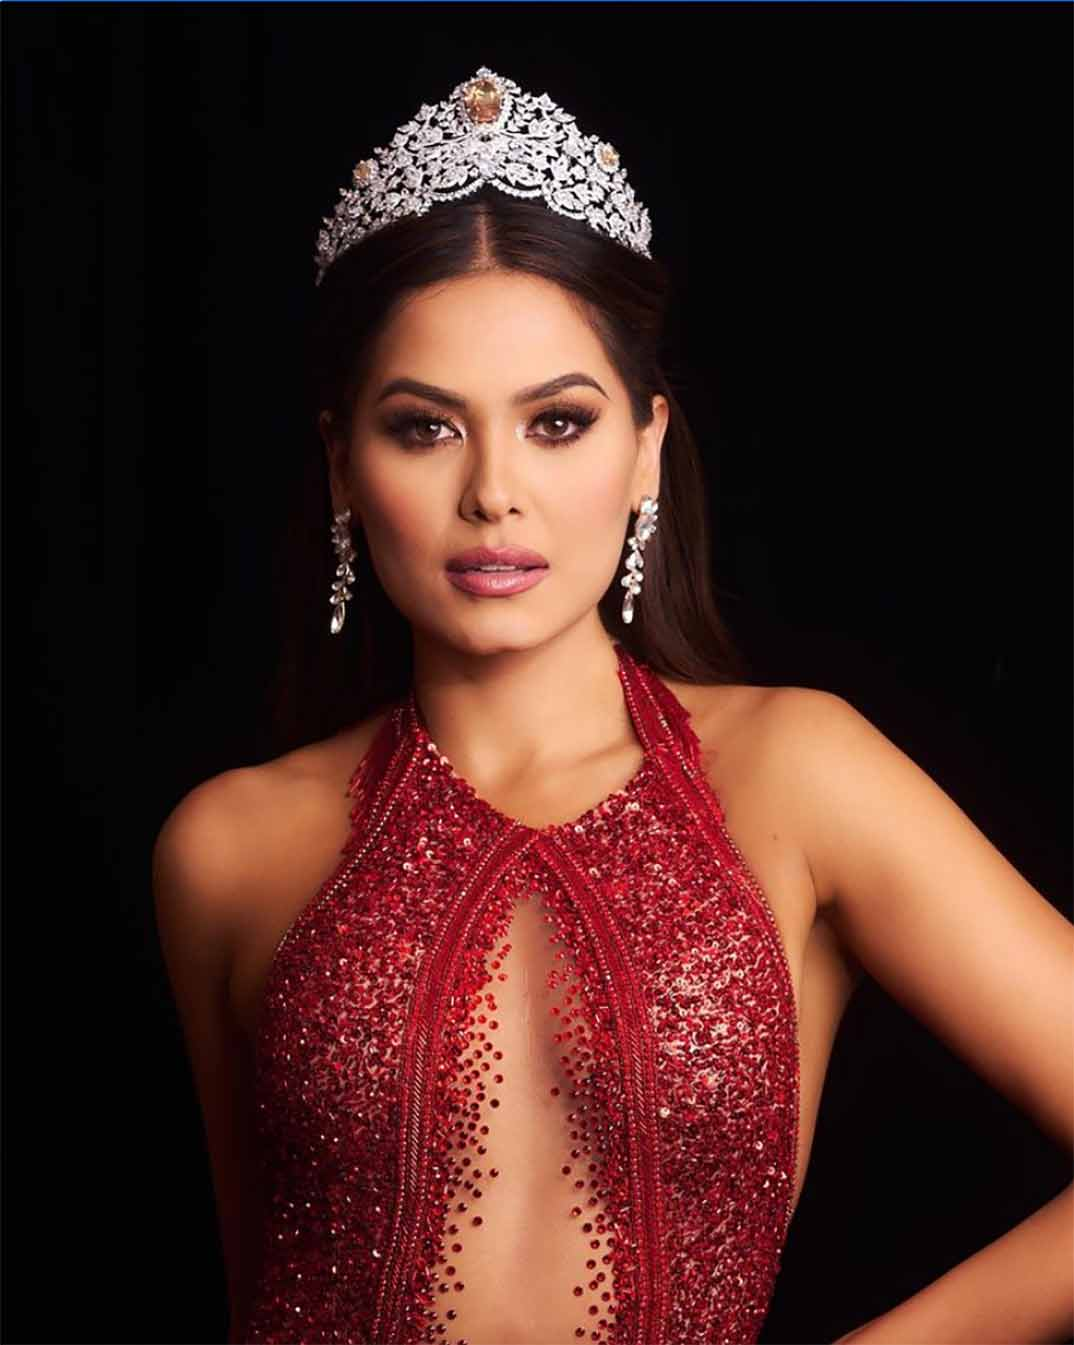 Andrea Meza - Miss Universo 2021 © Instagram/MissUniverse